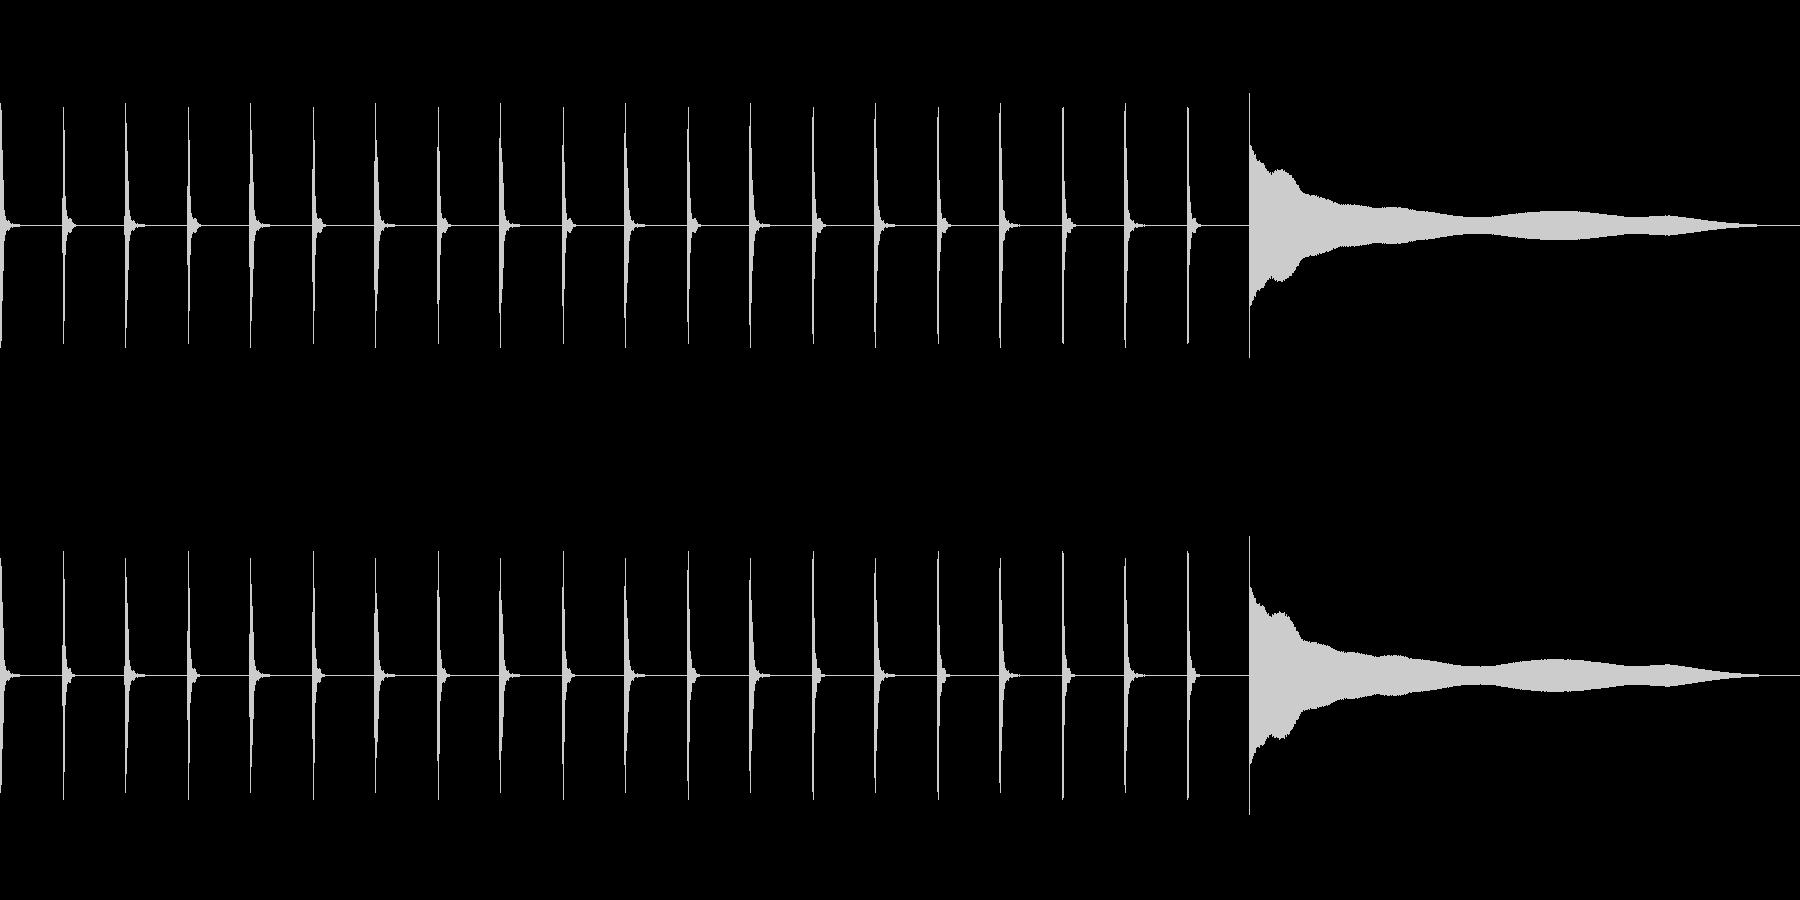 【効果音】シンキングタイム1の未再生の波形